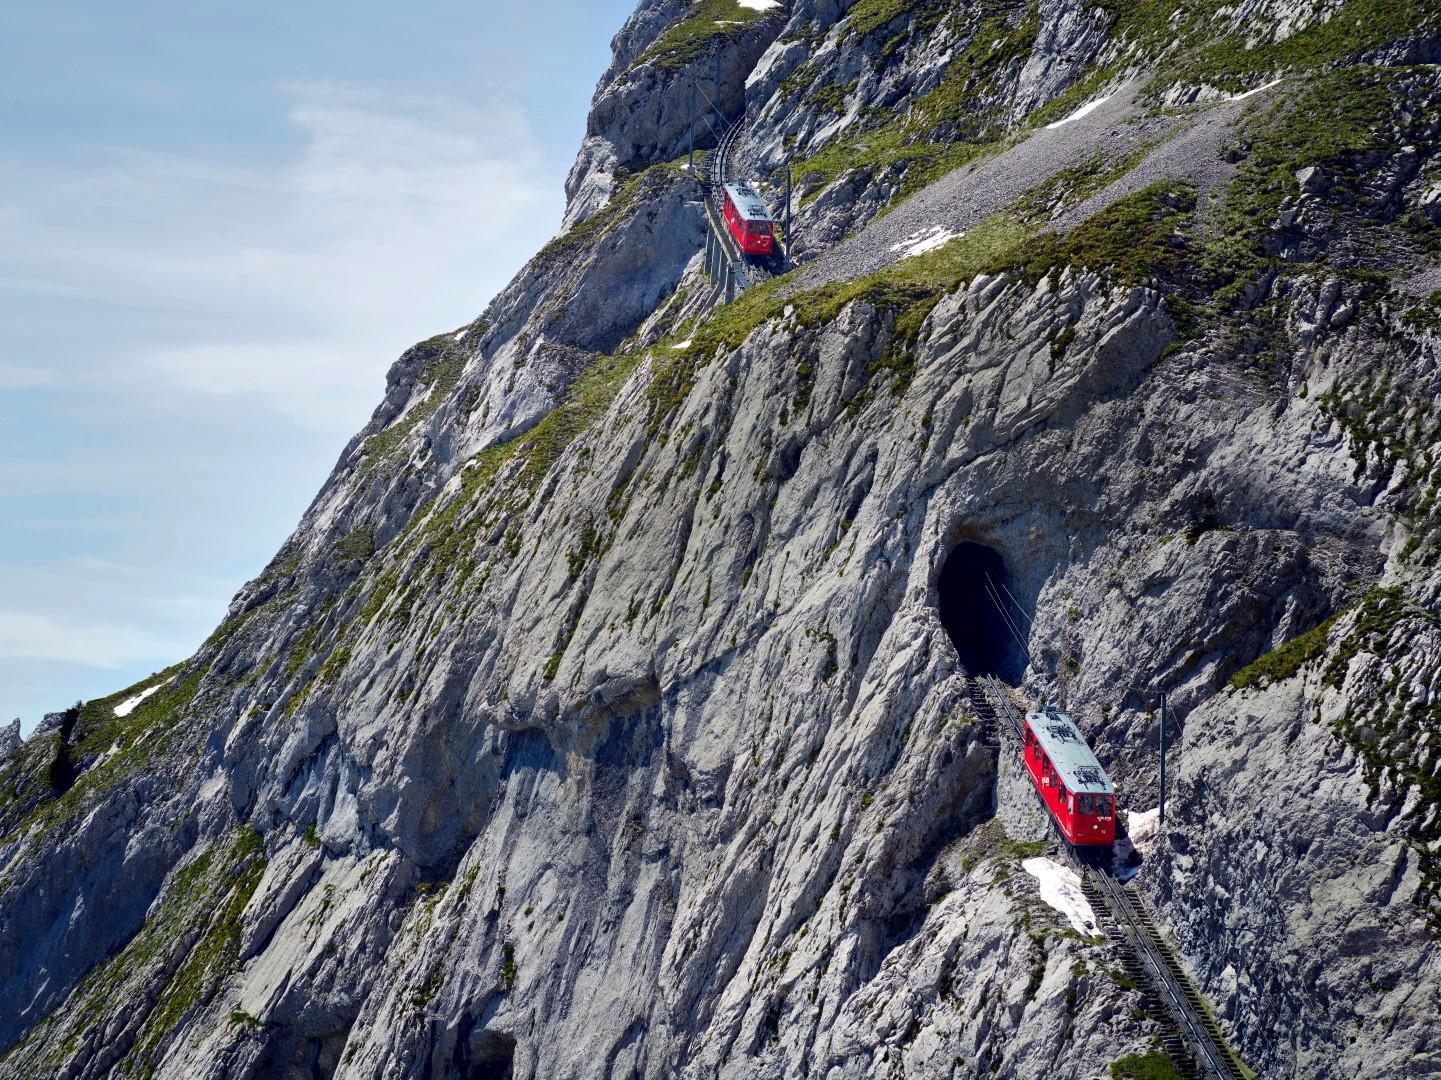 Svizzera: sul Pilatus con la cremagliera più ripida del mondo